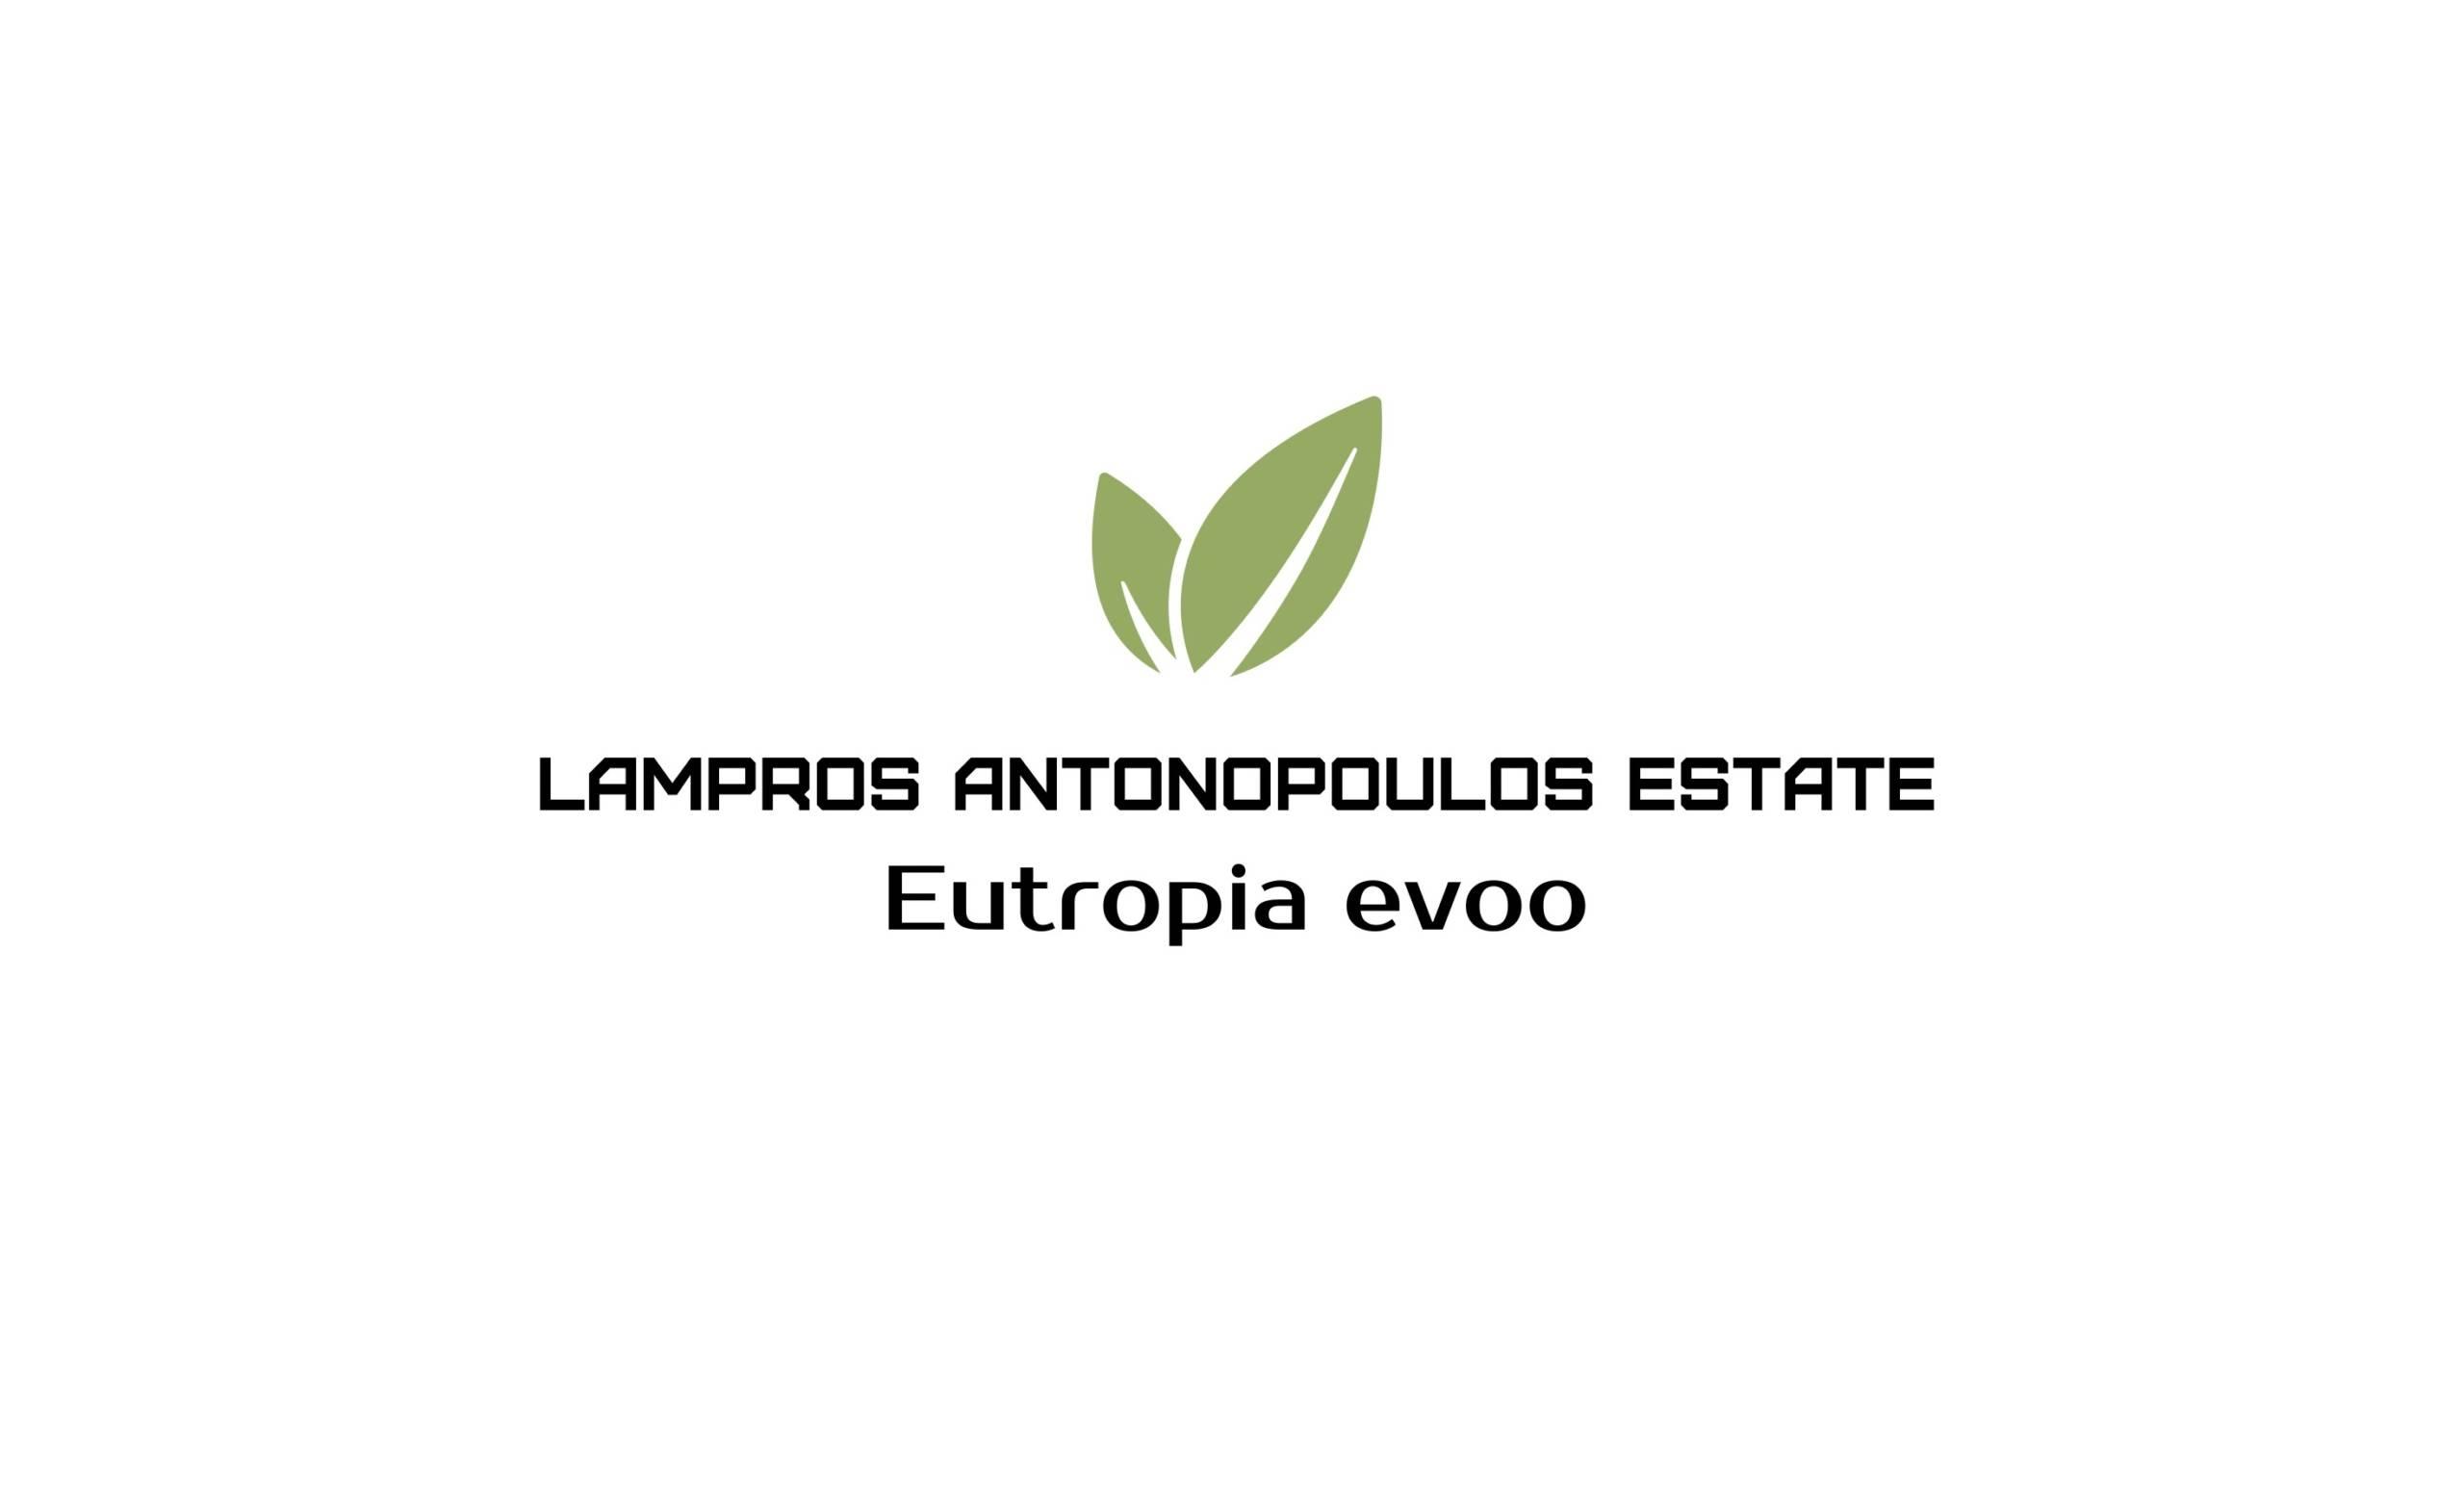 Lampros Antonopoulos Estate